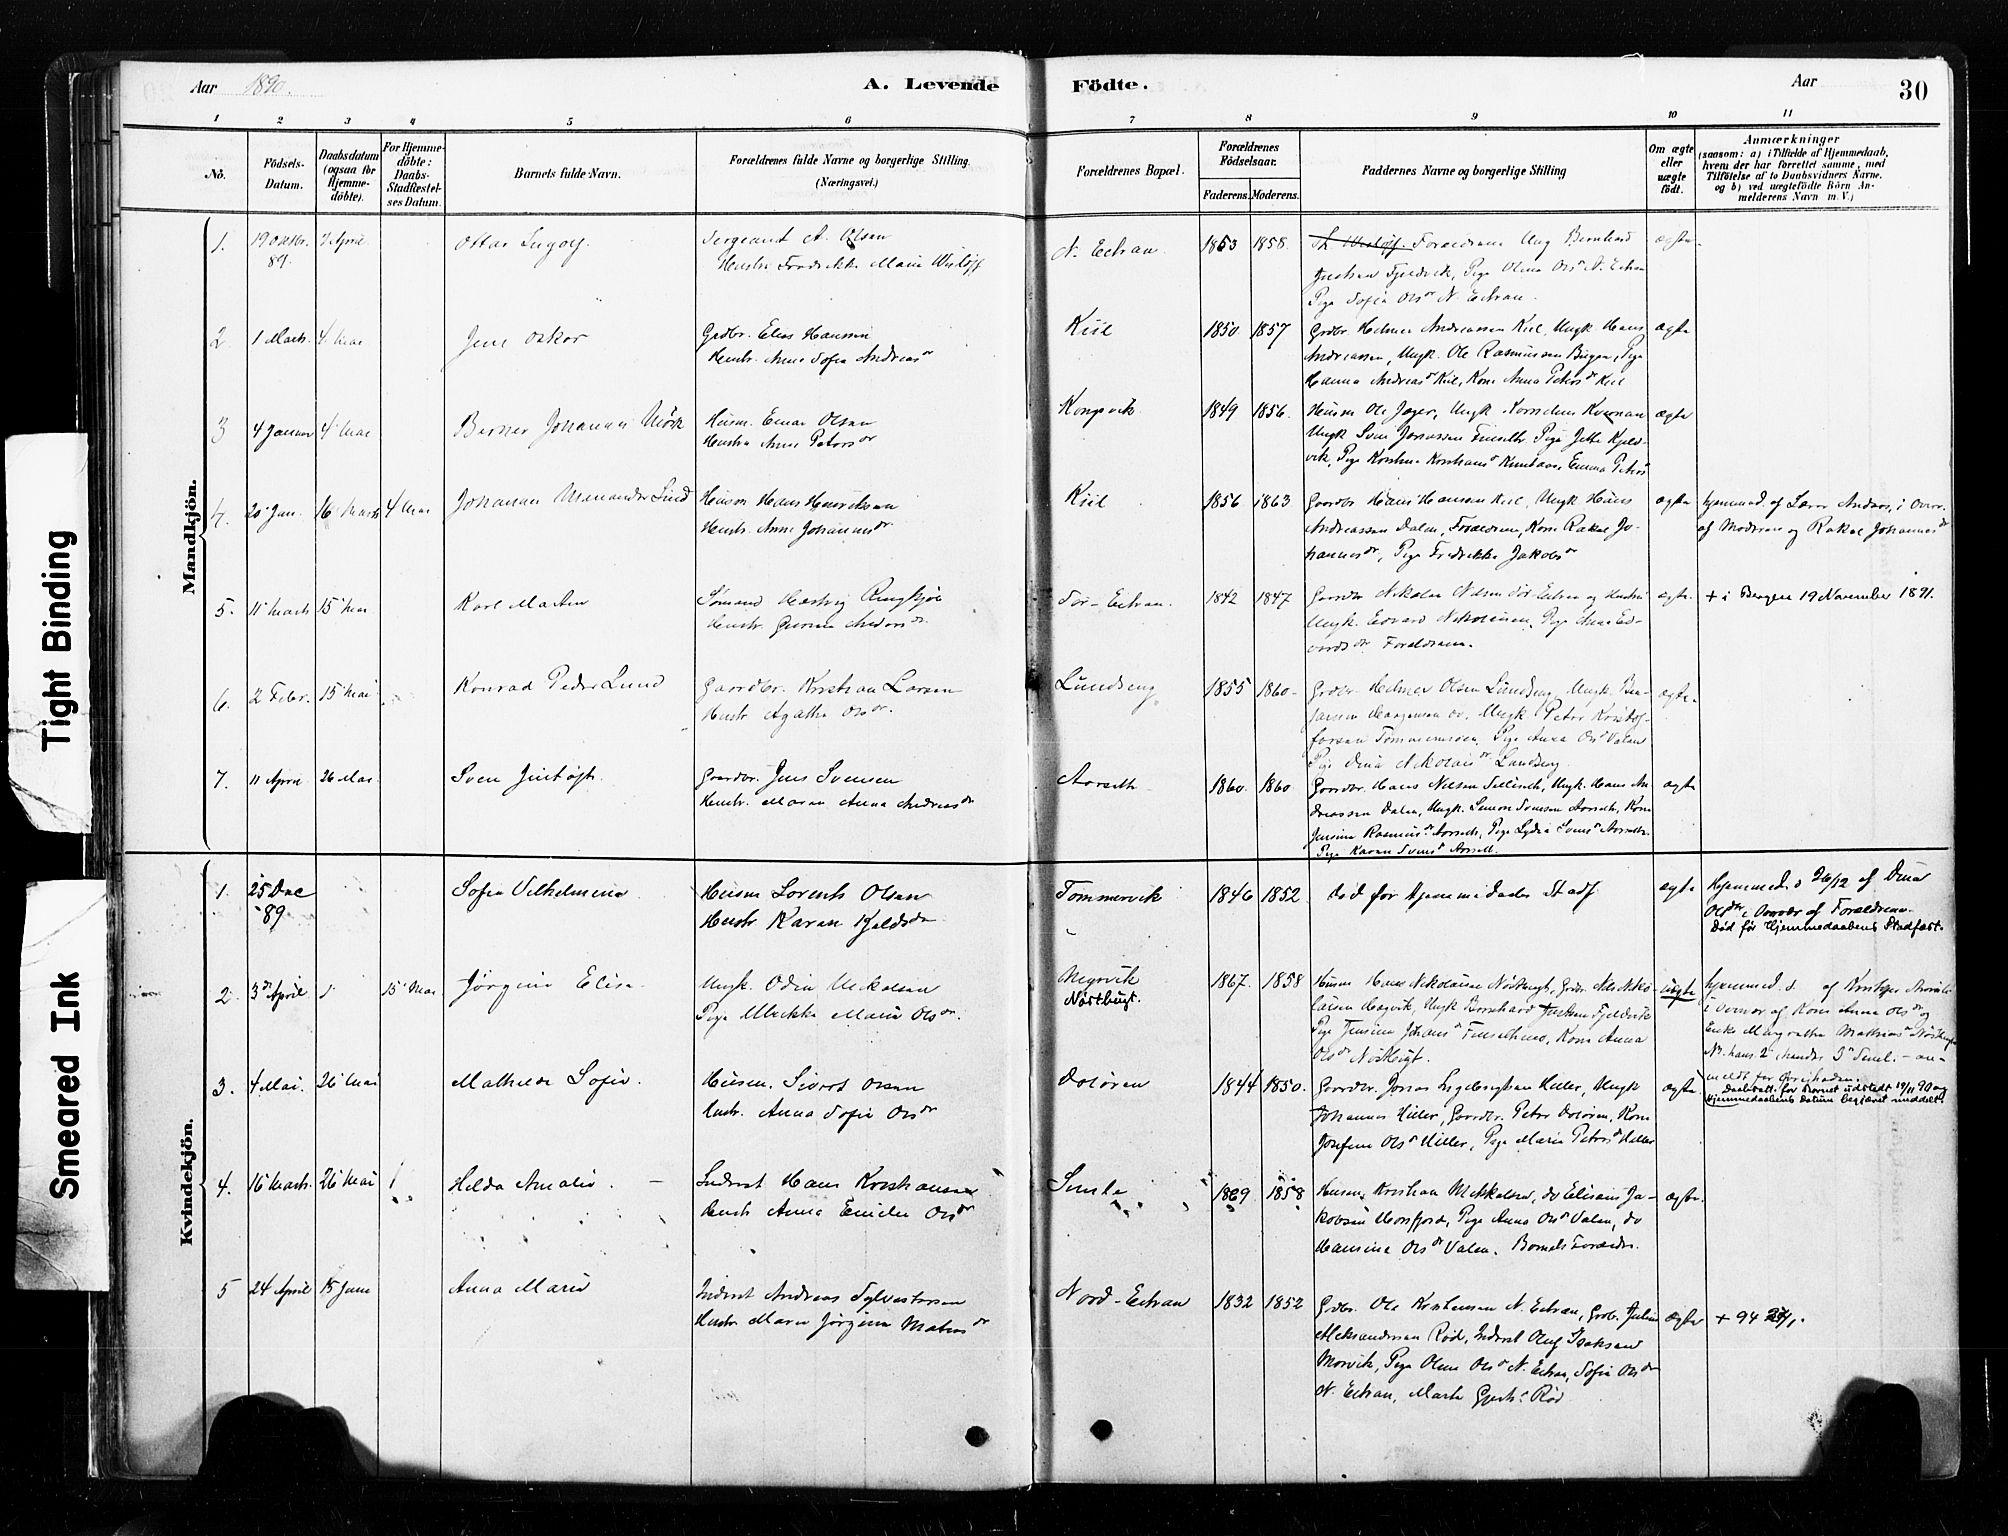 SAT, Ministerialprotokoller, klokkerbøker og fødselsregistre - Nord-Trøndelag, 789/L0705: Parish register (official) no. 789A01, 1878-1910, p. 30